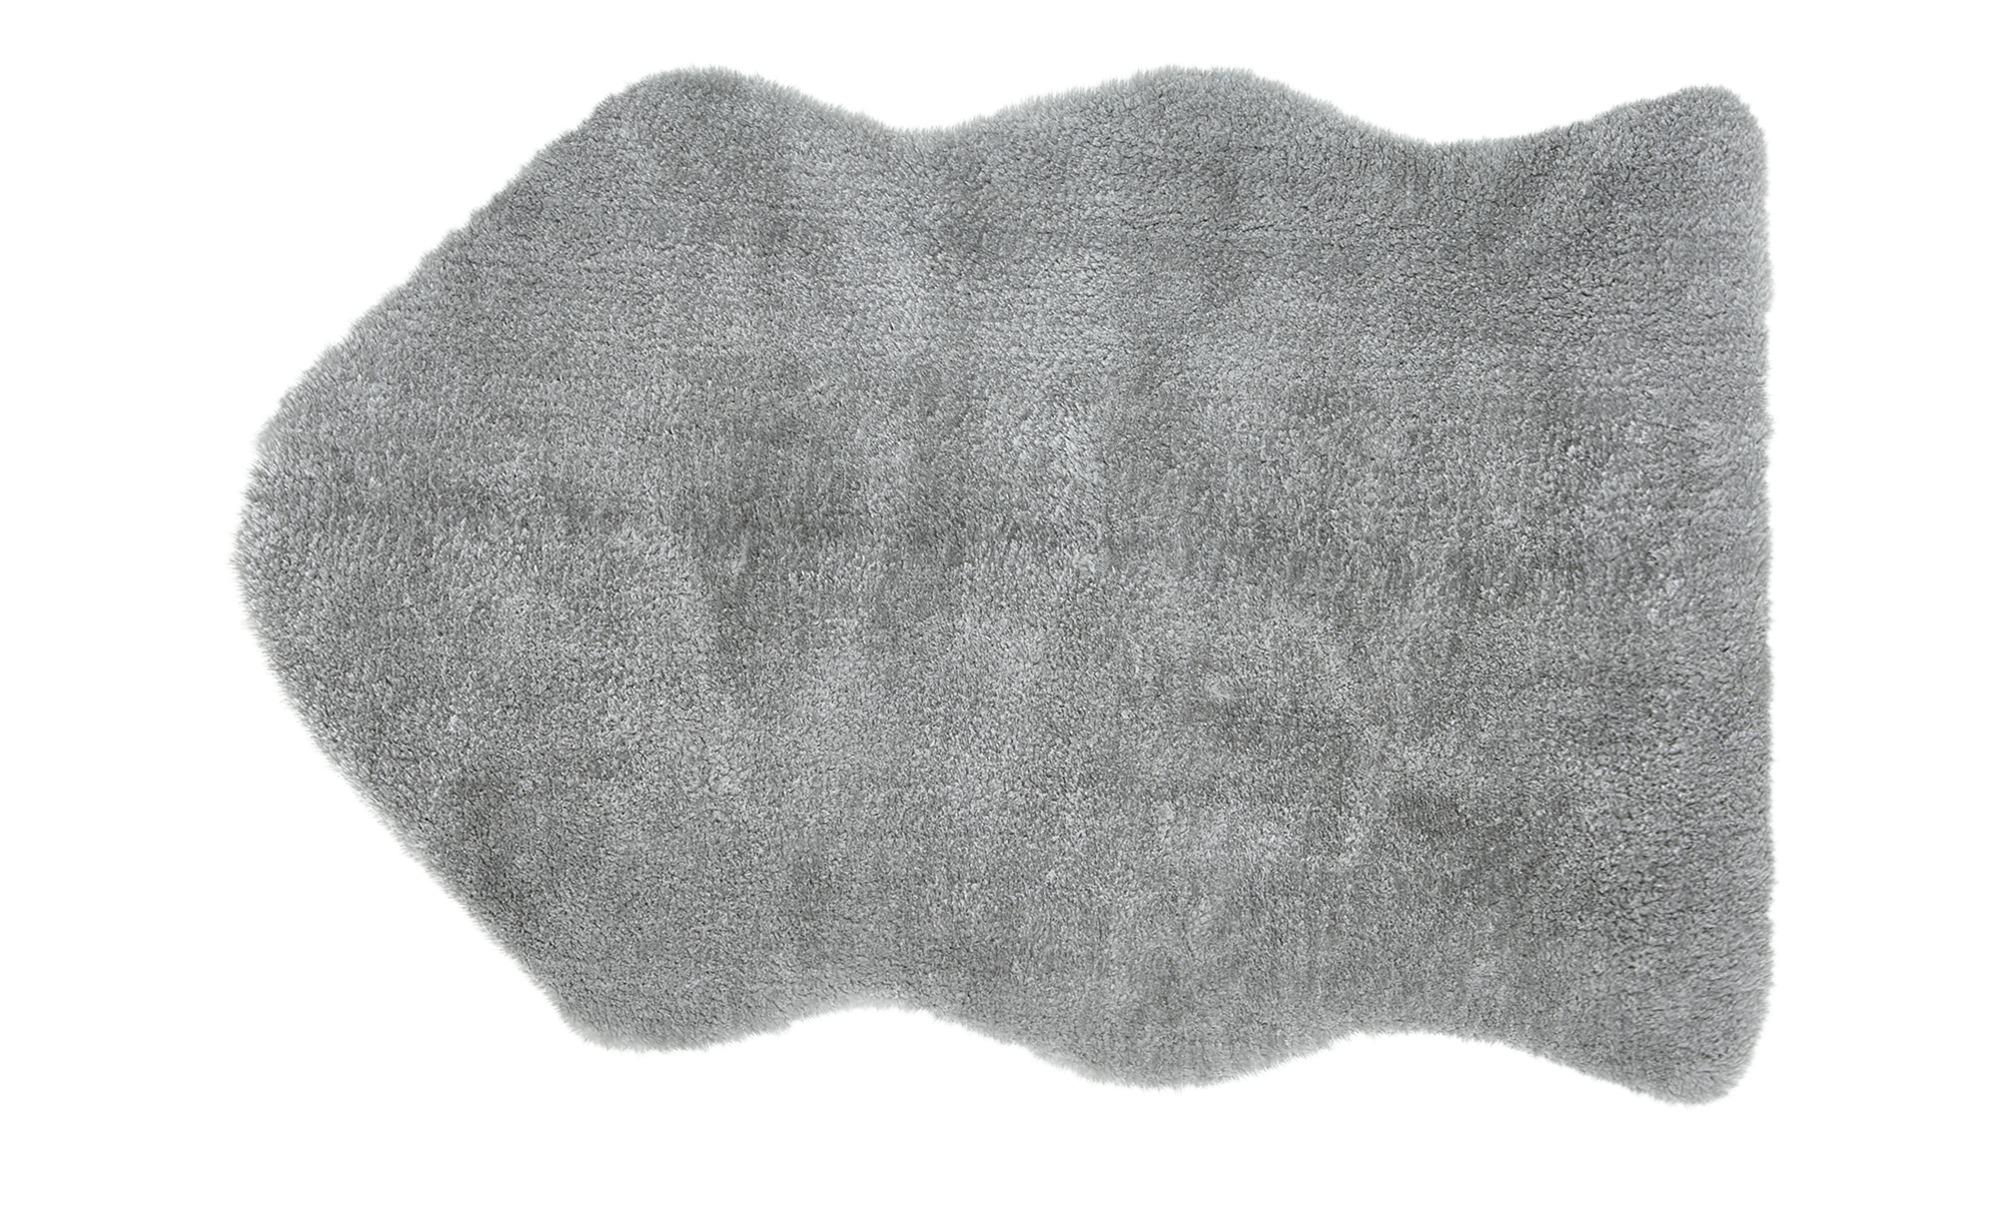 Kinderteppich  Lämmchen ¦ grau ¦ Lammfellimitat: 100% Polyester ¦ Maße (cm): B: 55 Teppiche > Kinderteppiche - Höffner